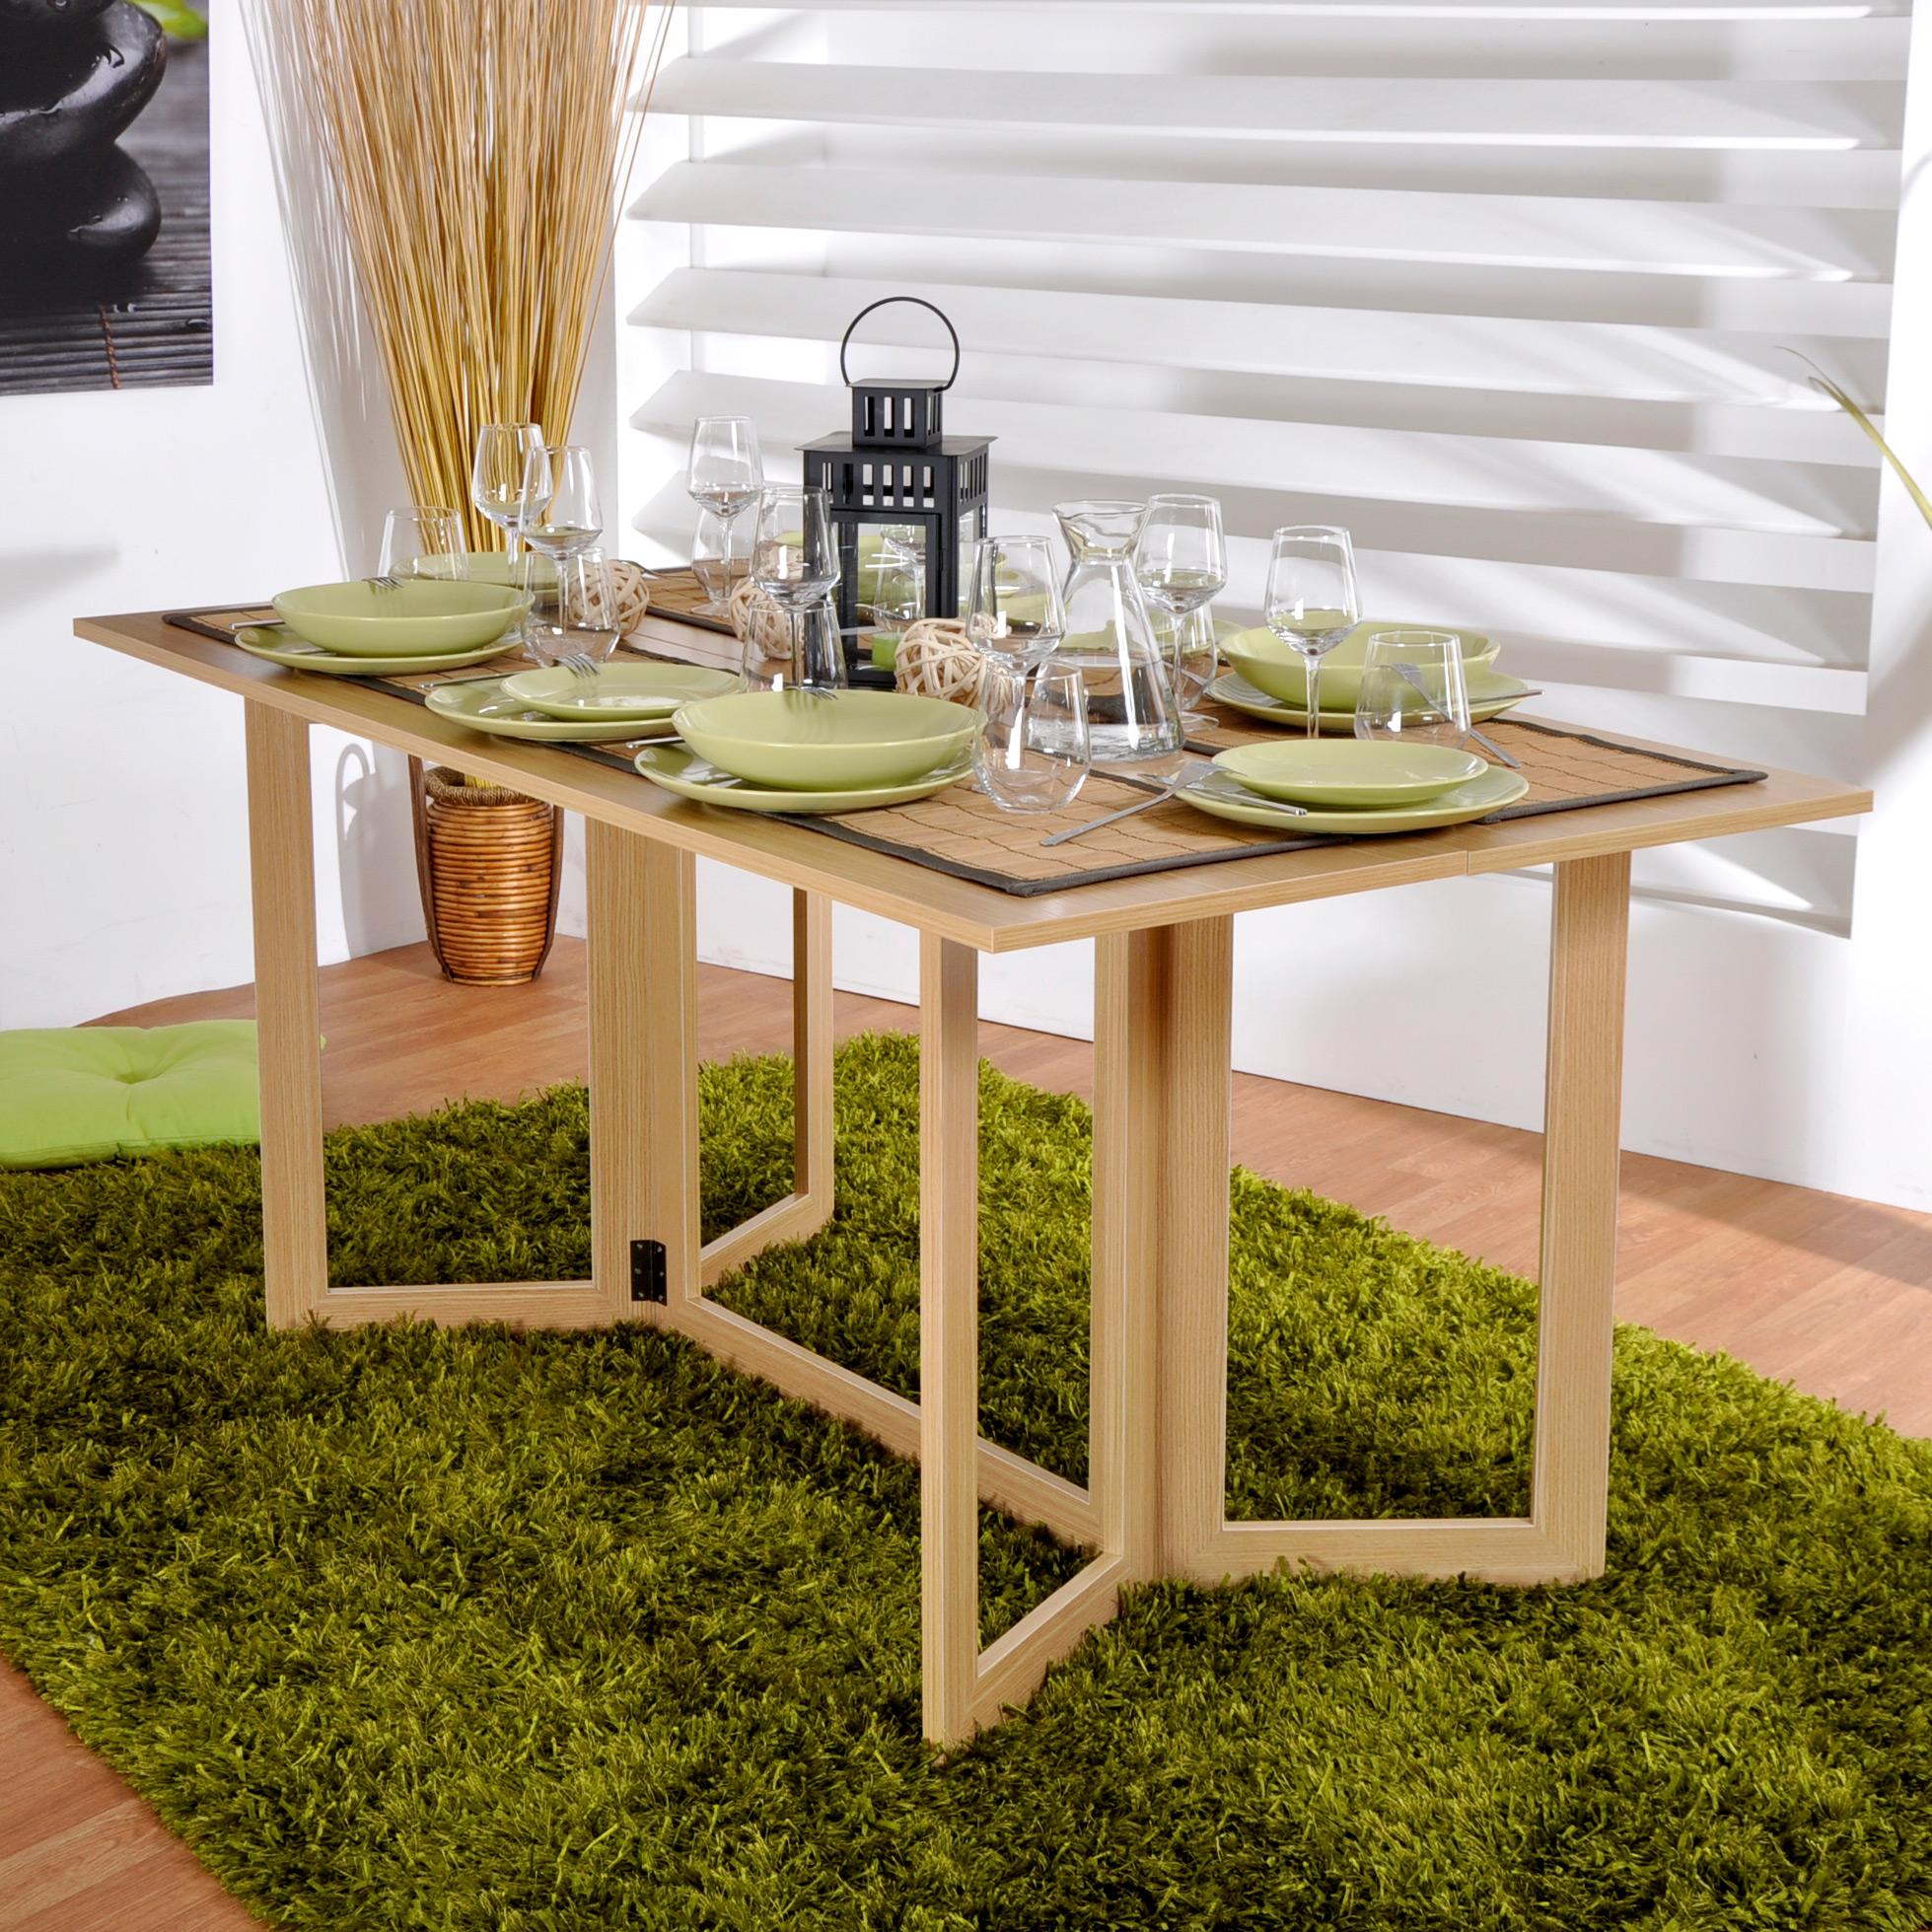 table rectangulaire allegro double plateaux pliante 142 85 x 160 x 74 cm comparer avec. Black Bedroom Furniture Sets. Home Design Ideas